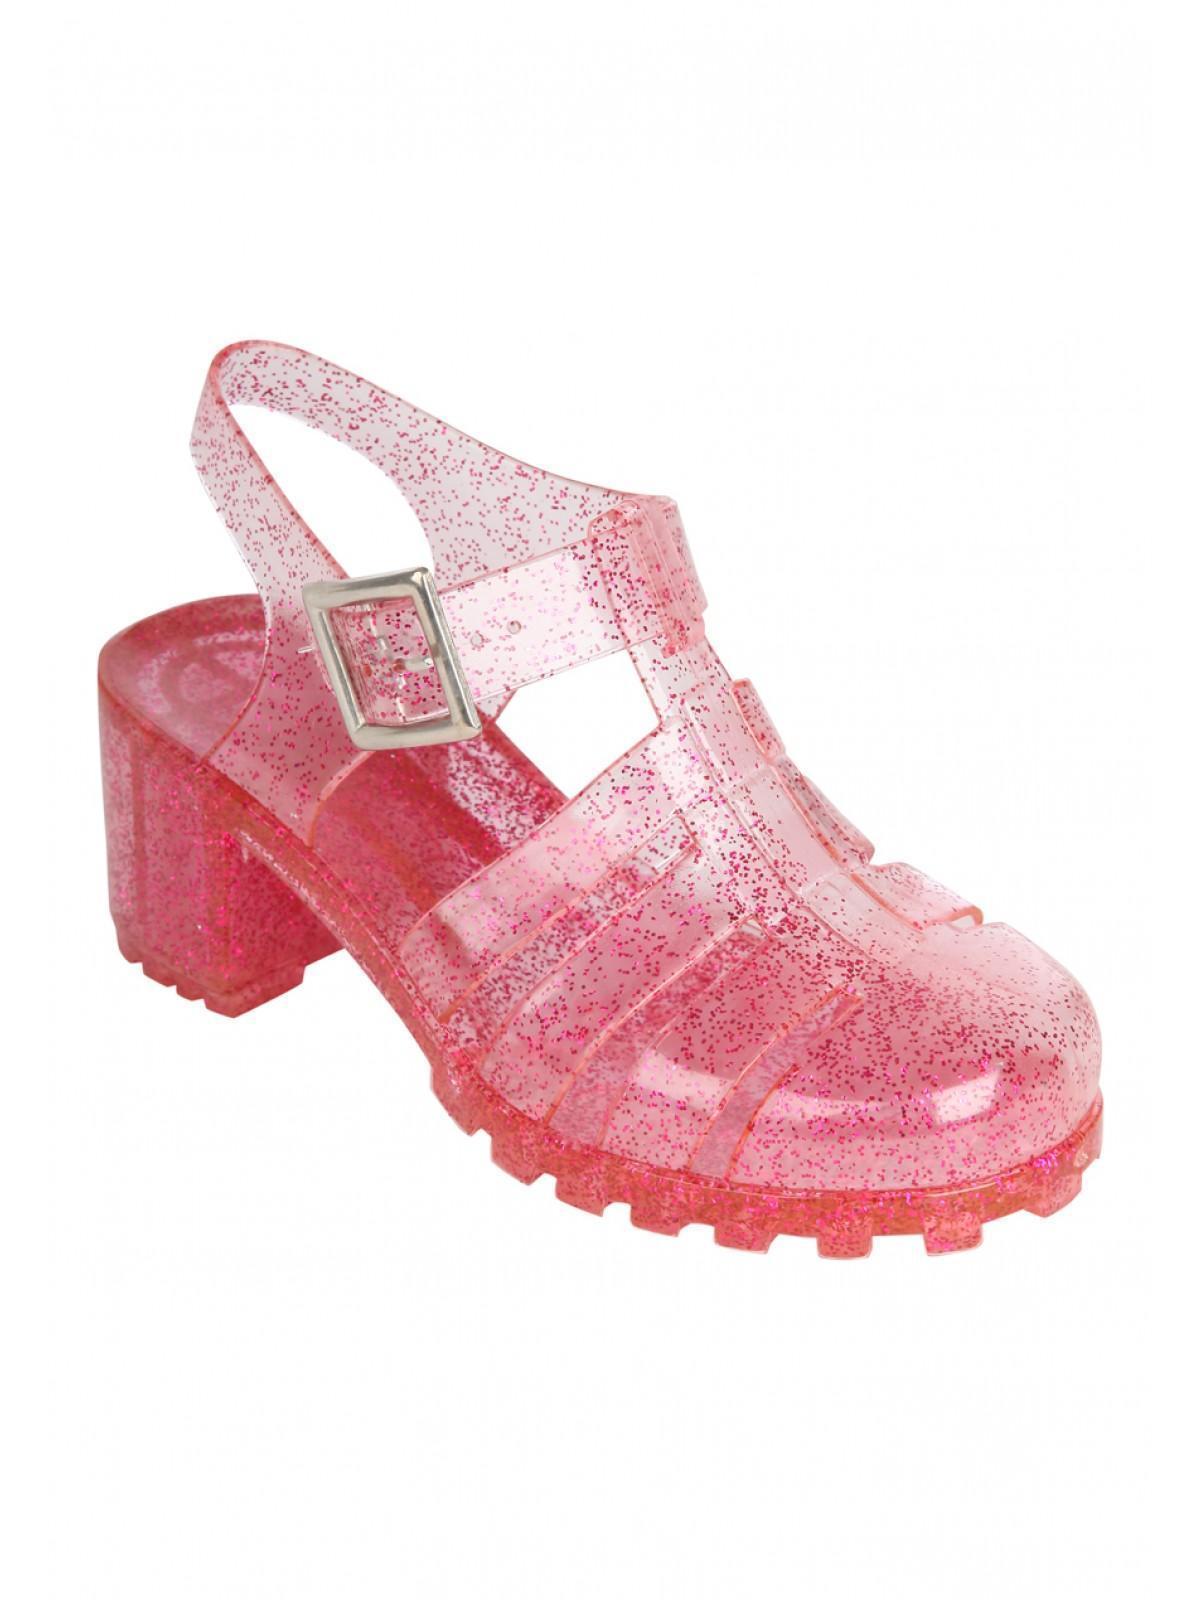 Girls Older Girls Jelly Sandal